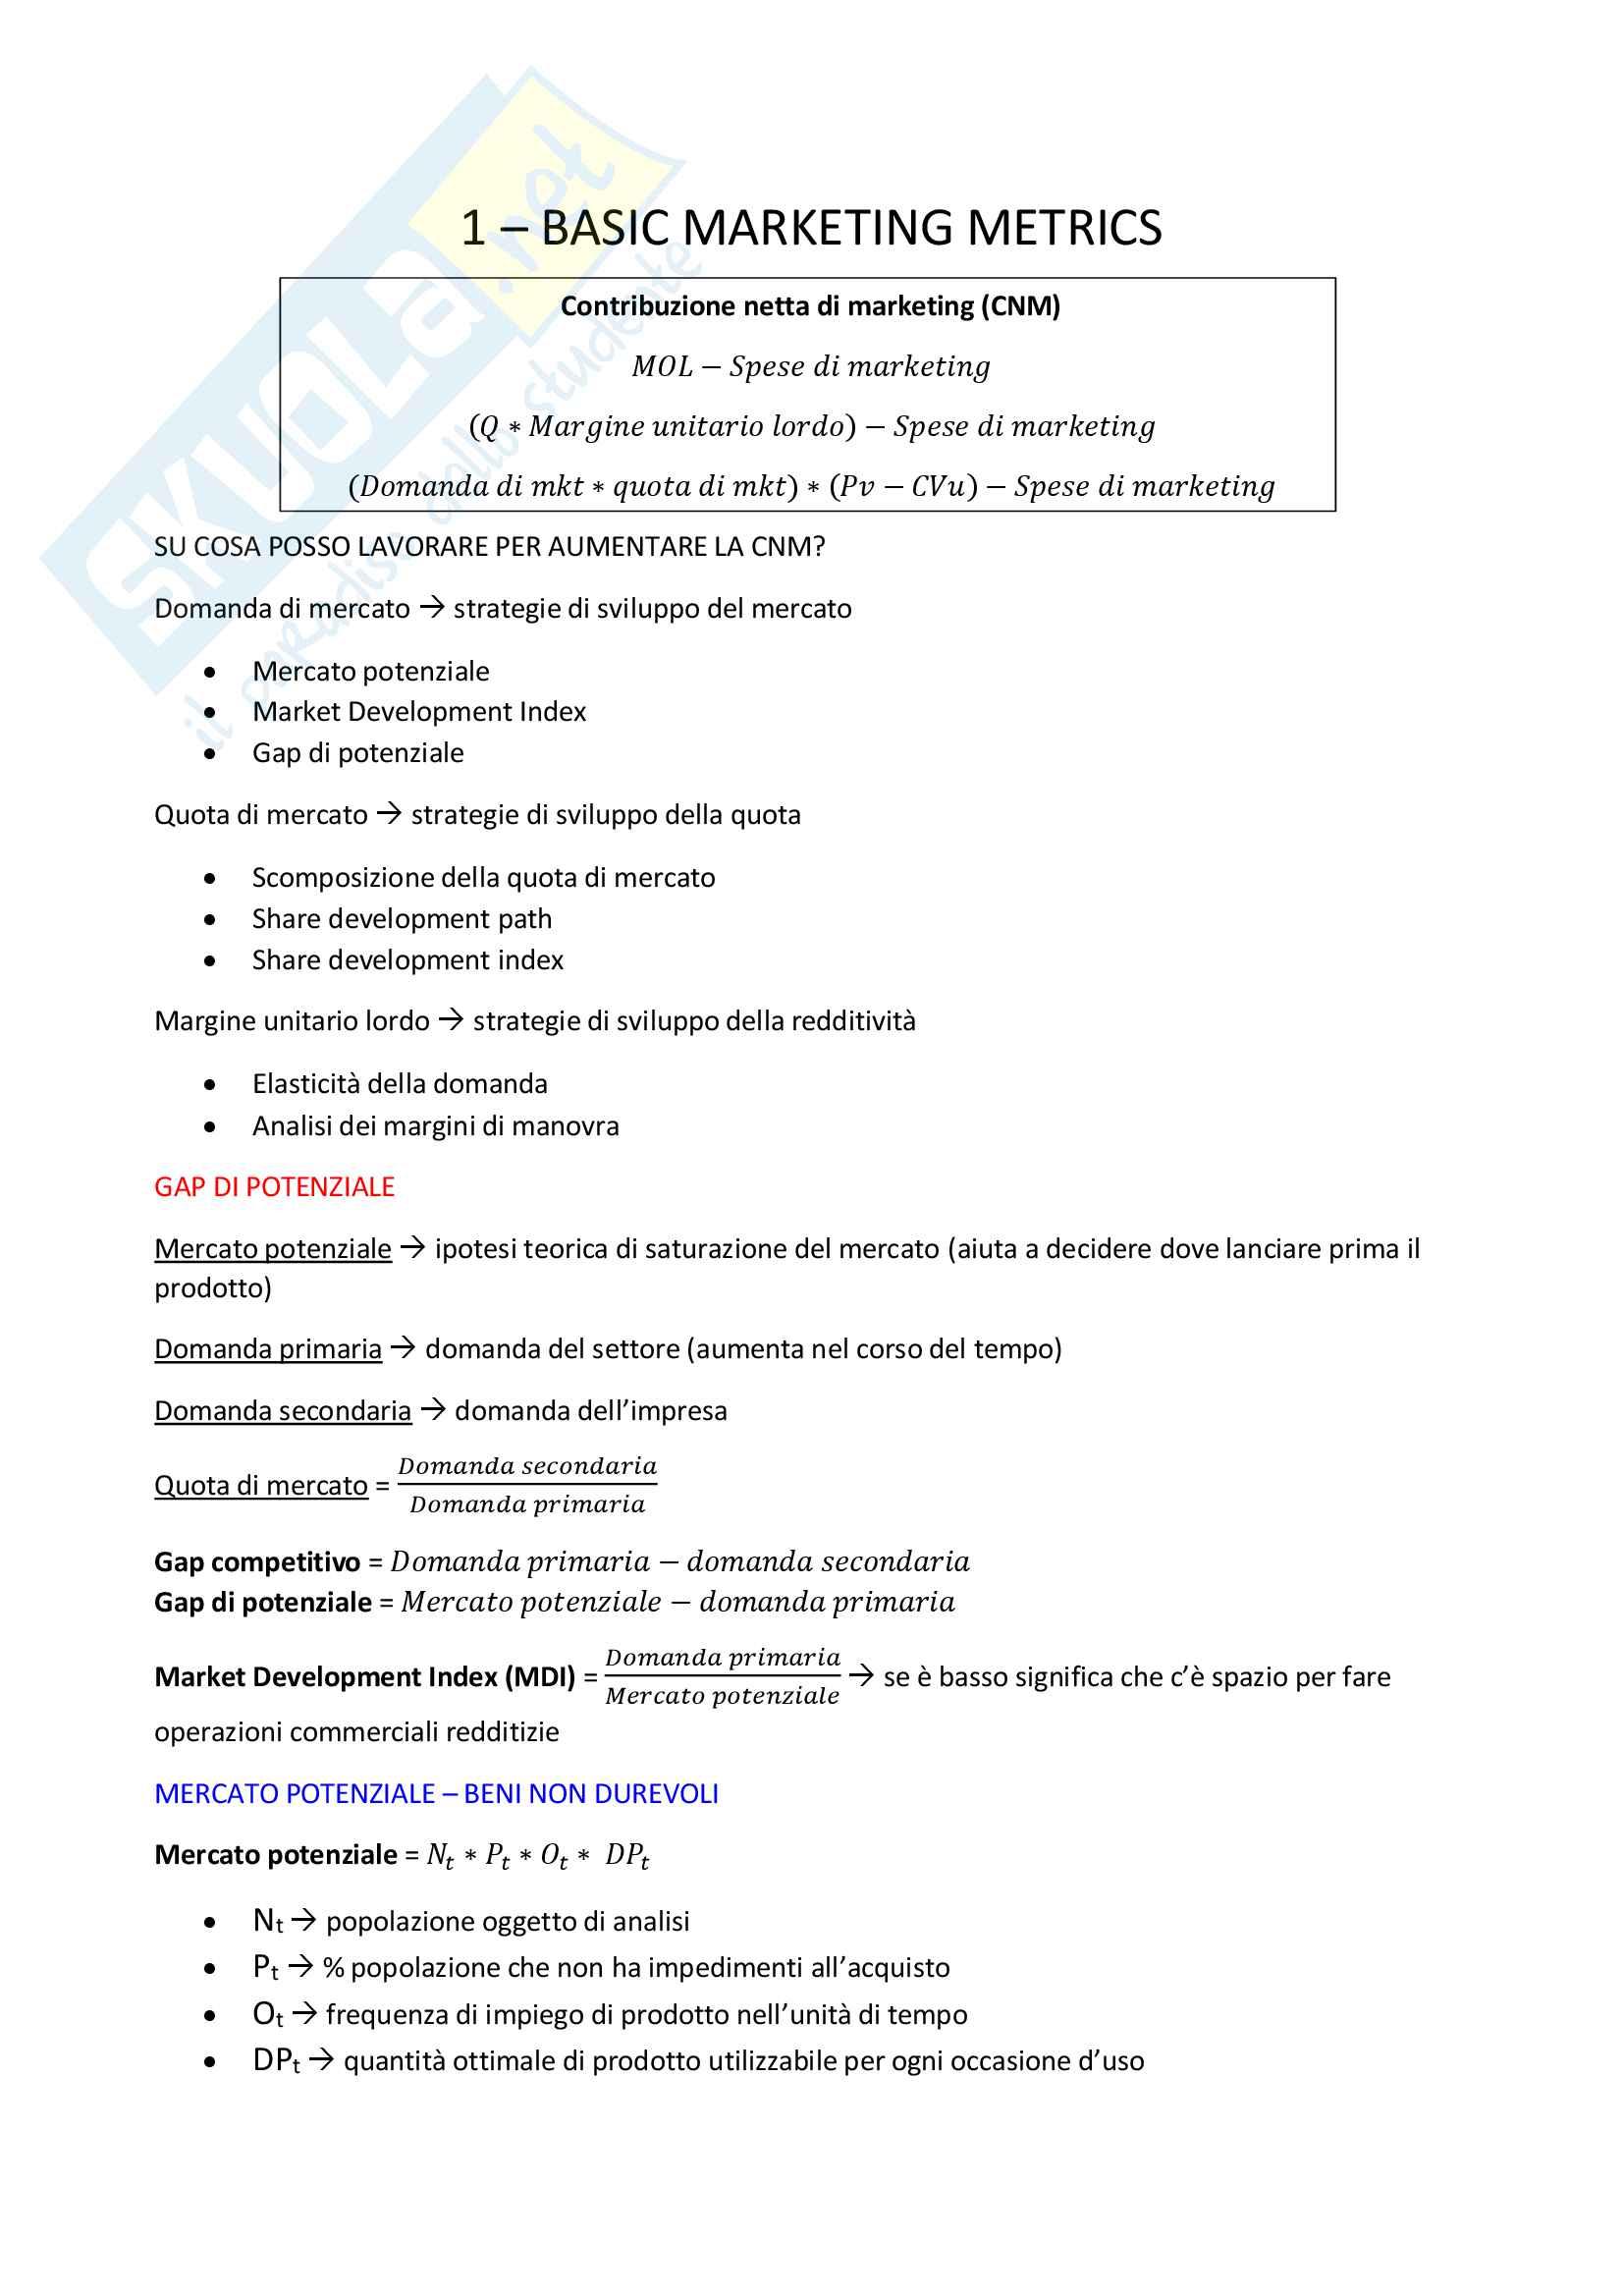 Riassunto di Marketing Management - Advanced